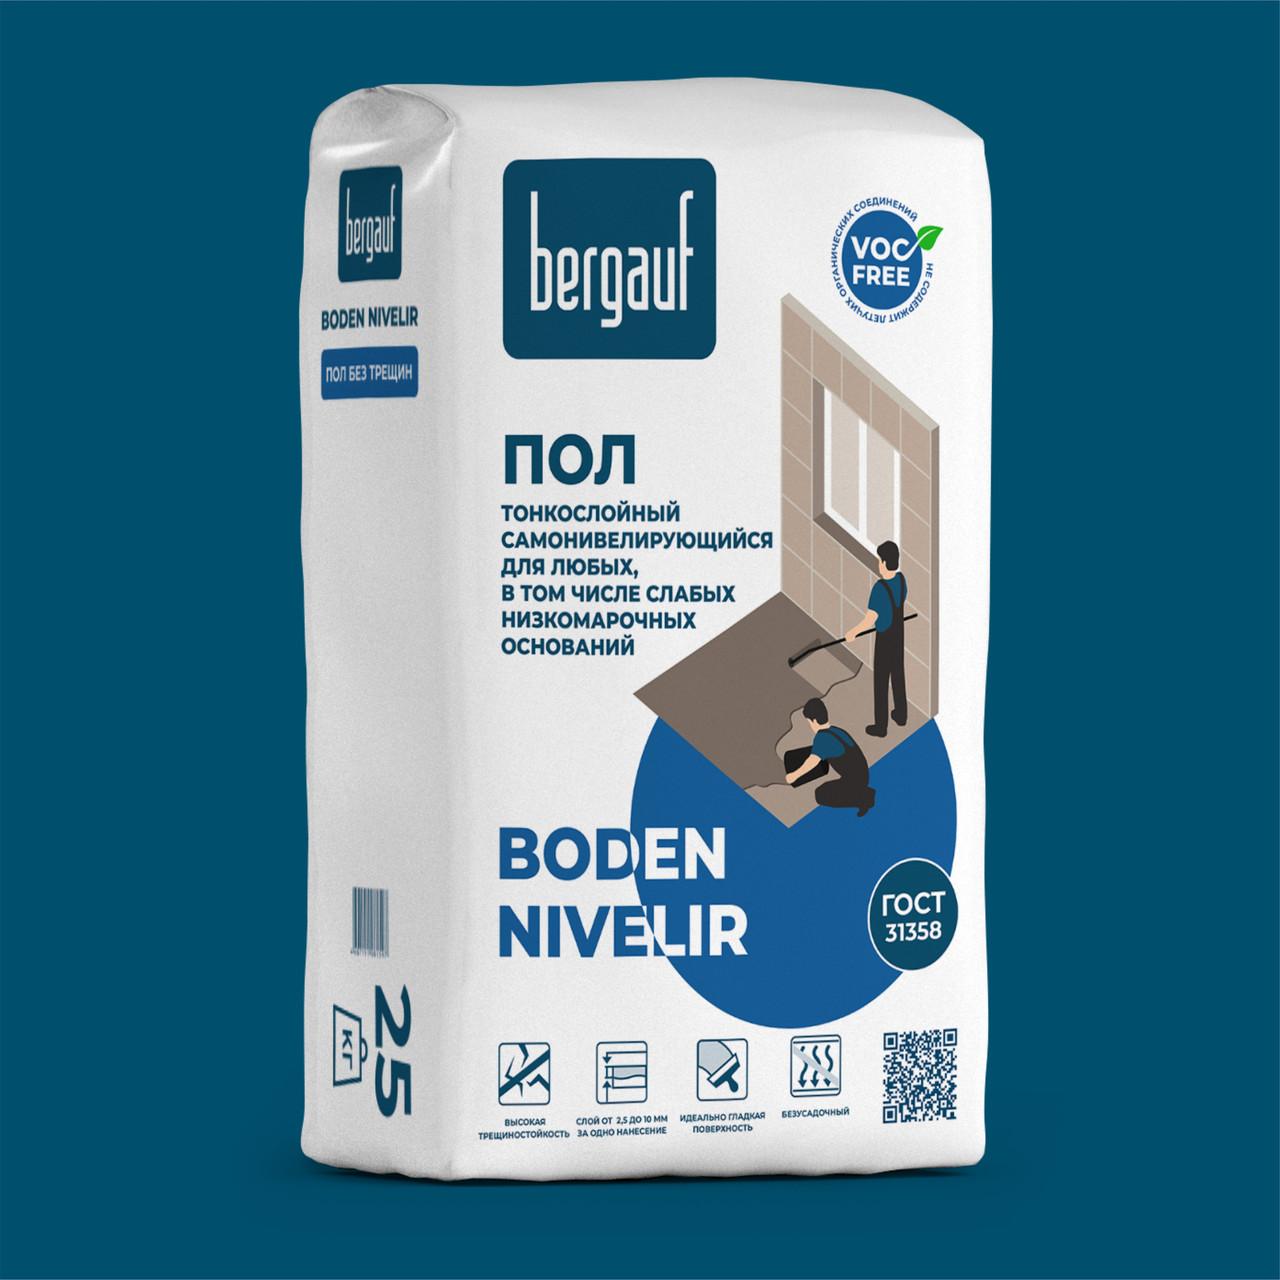 Наливной пол BODEN NIVELIR (БОДЕН НИВЕЛИР), финишный самонивелирующийся, 25 кг, Bergauf